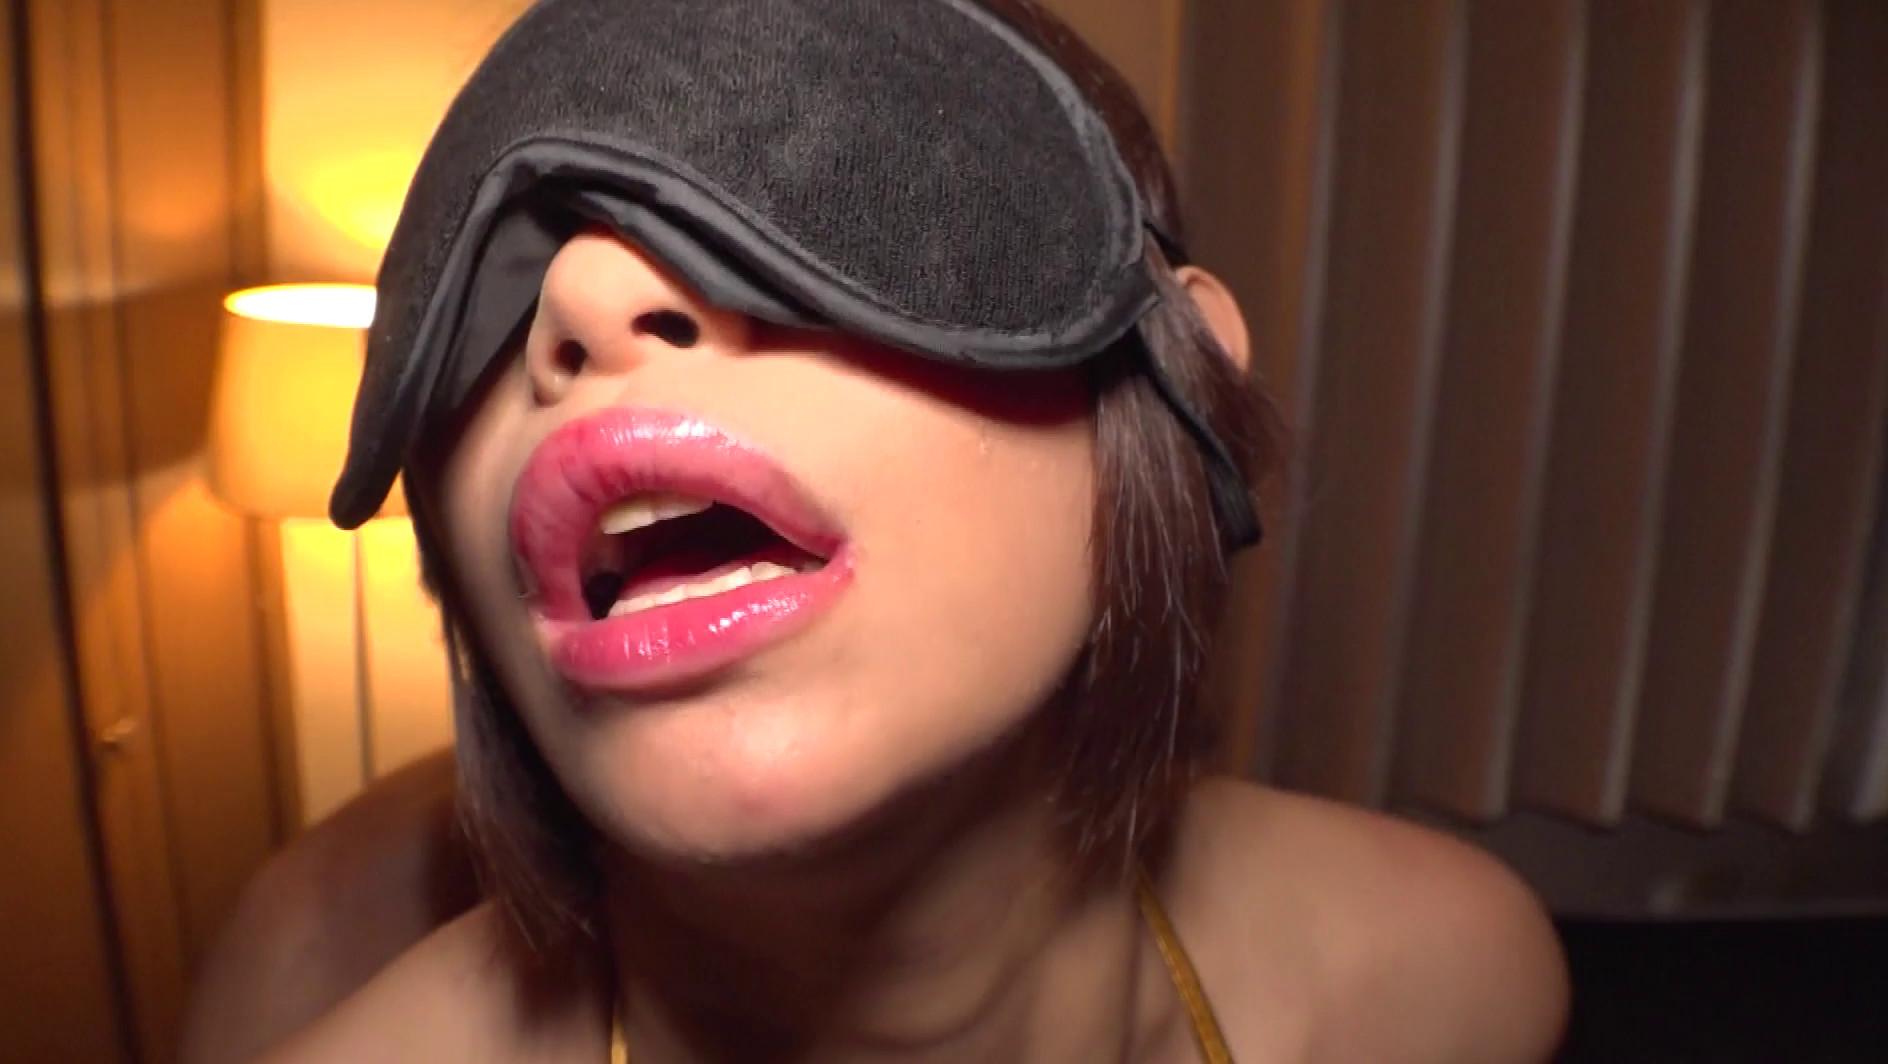 ド変態美女貸出します 性欲強すぎるベロキス魔 終電ギリまで生中出し種付け輪● ほのか 画像20